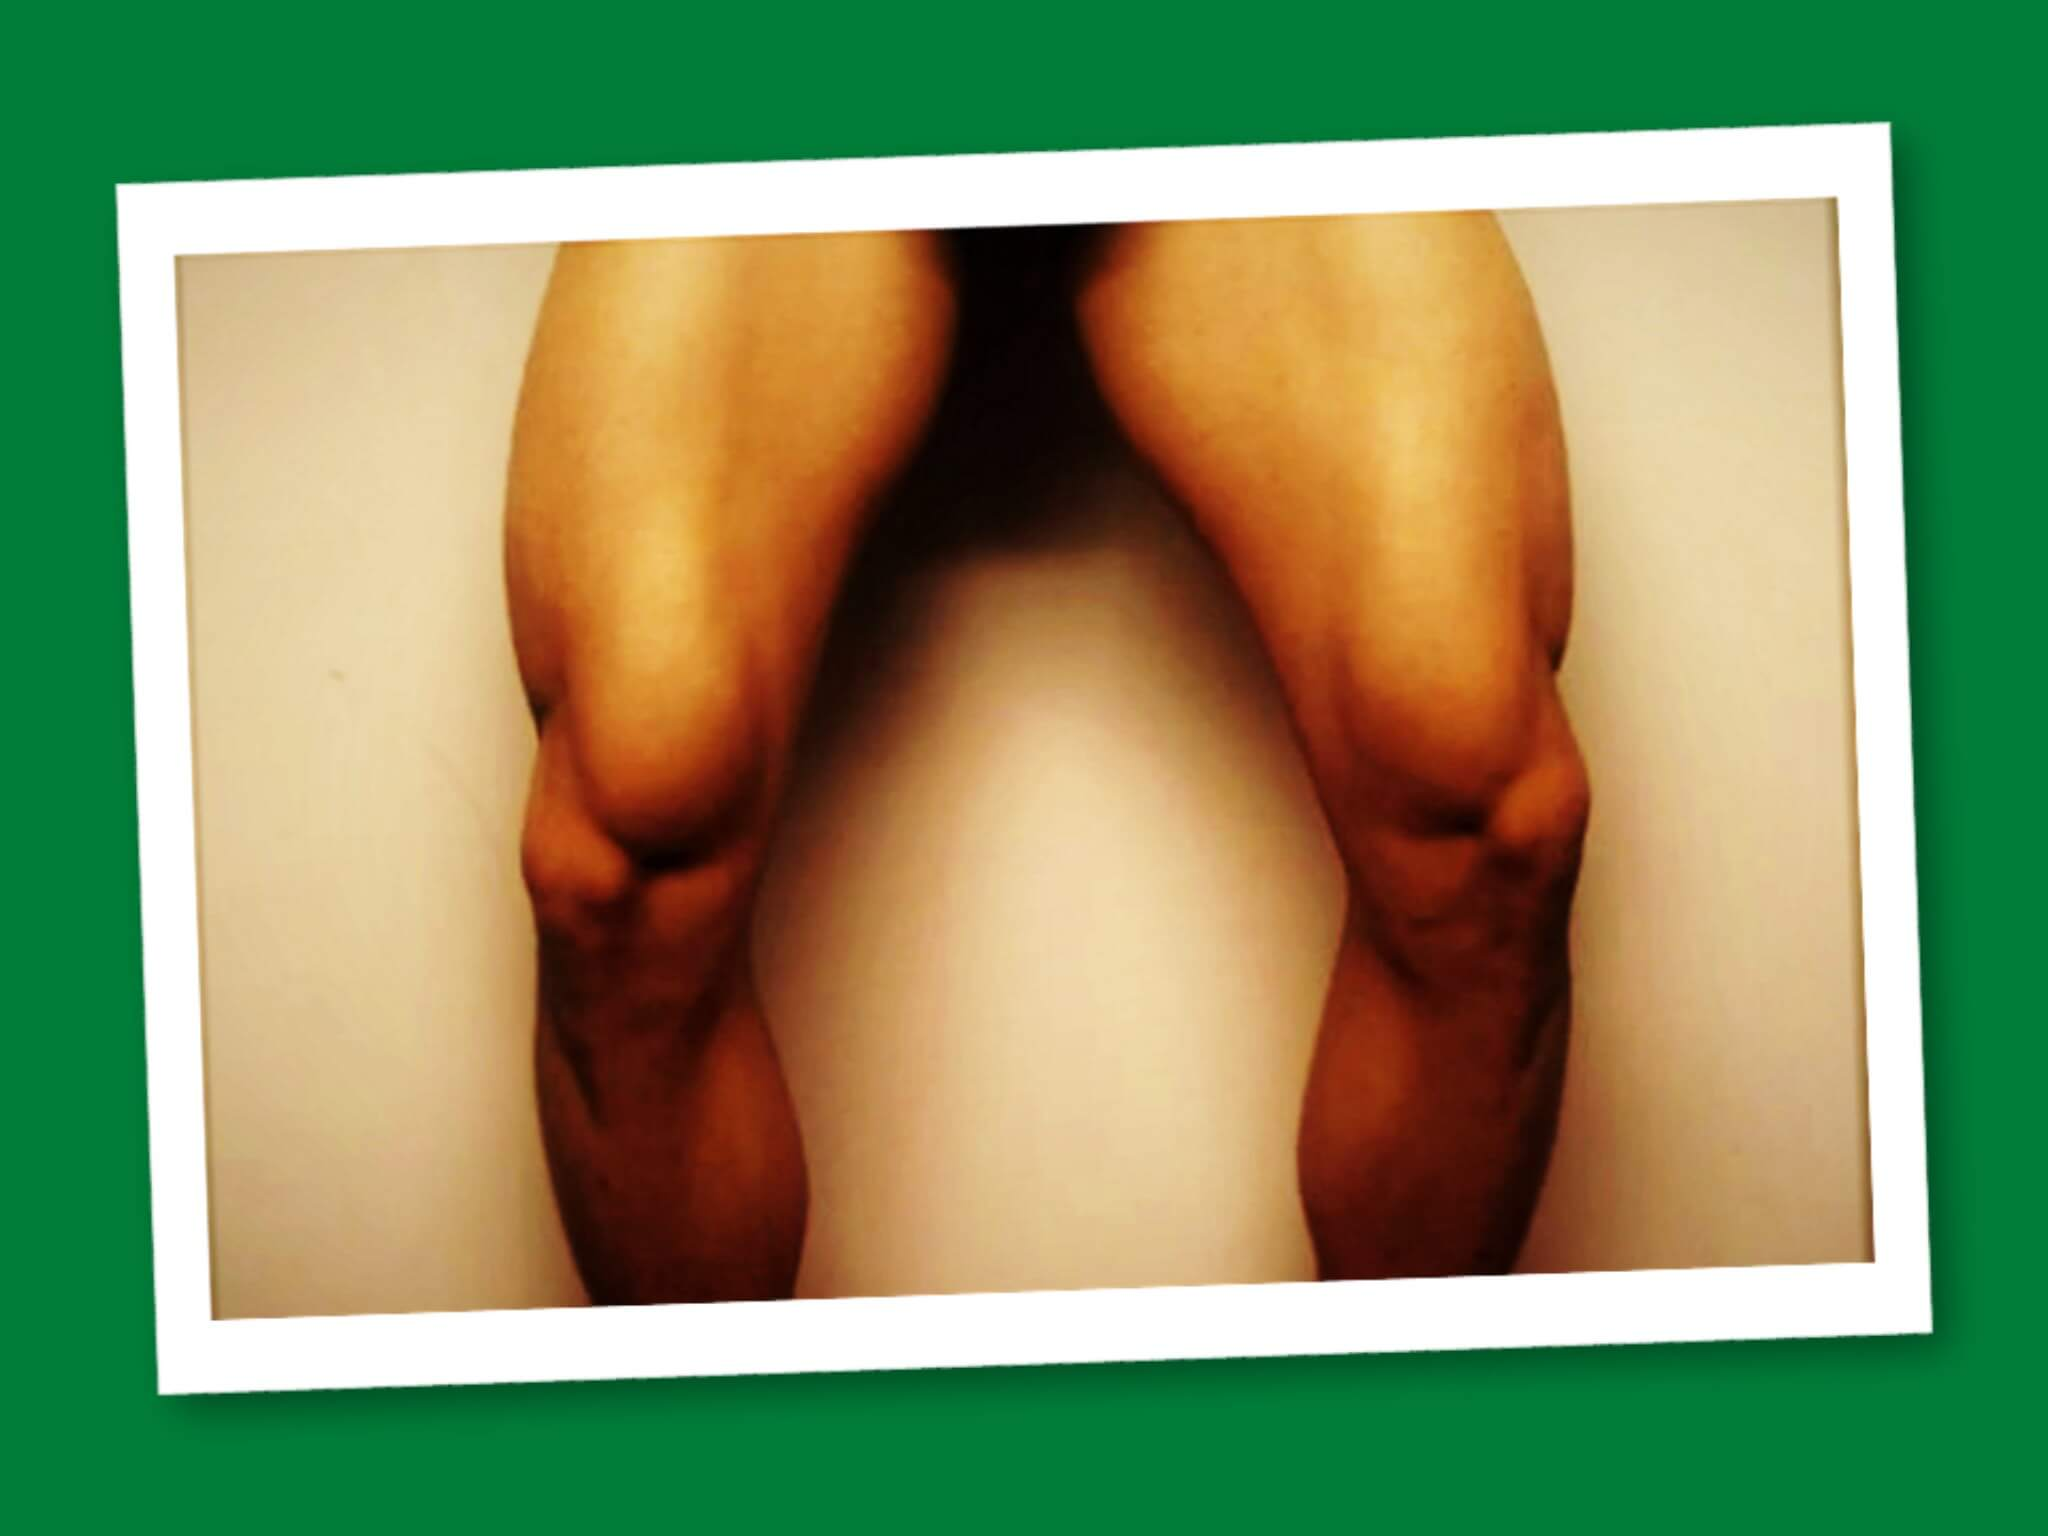 Scheda allenamento gambe: guida pratica